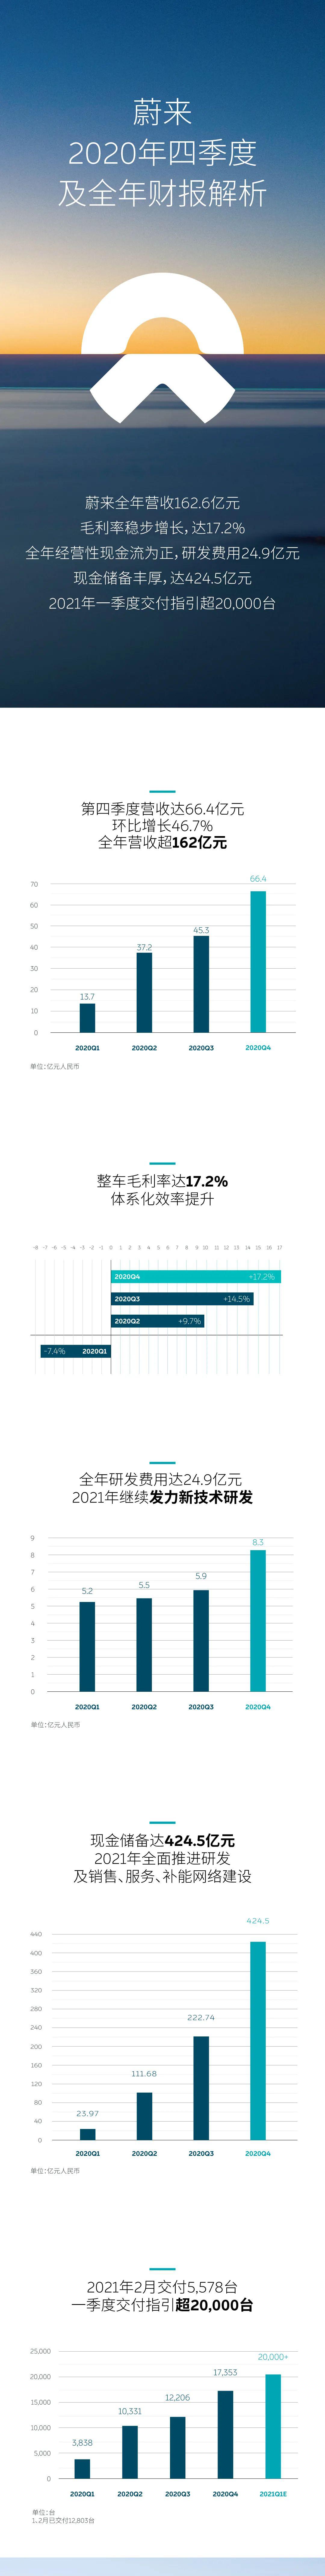 蔚来发布2020年四季度及全年财务业绩:营收超162亿